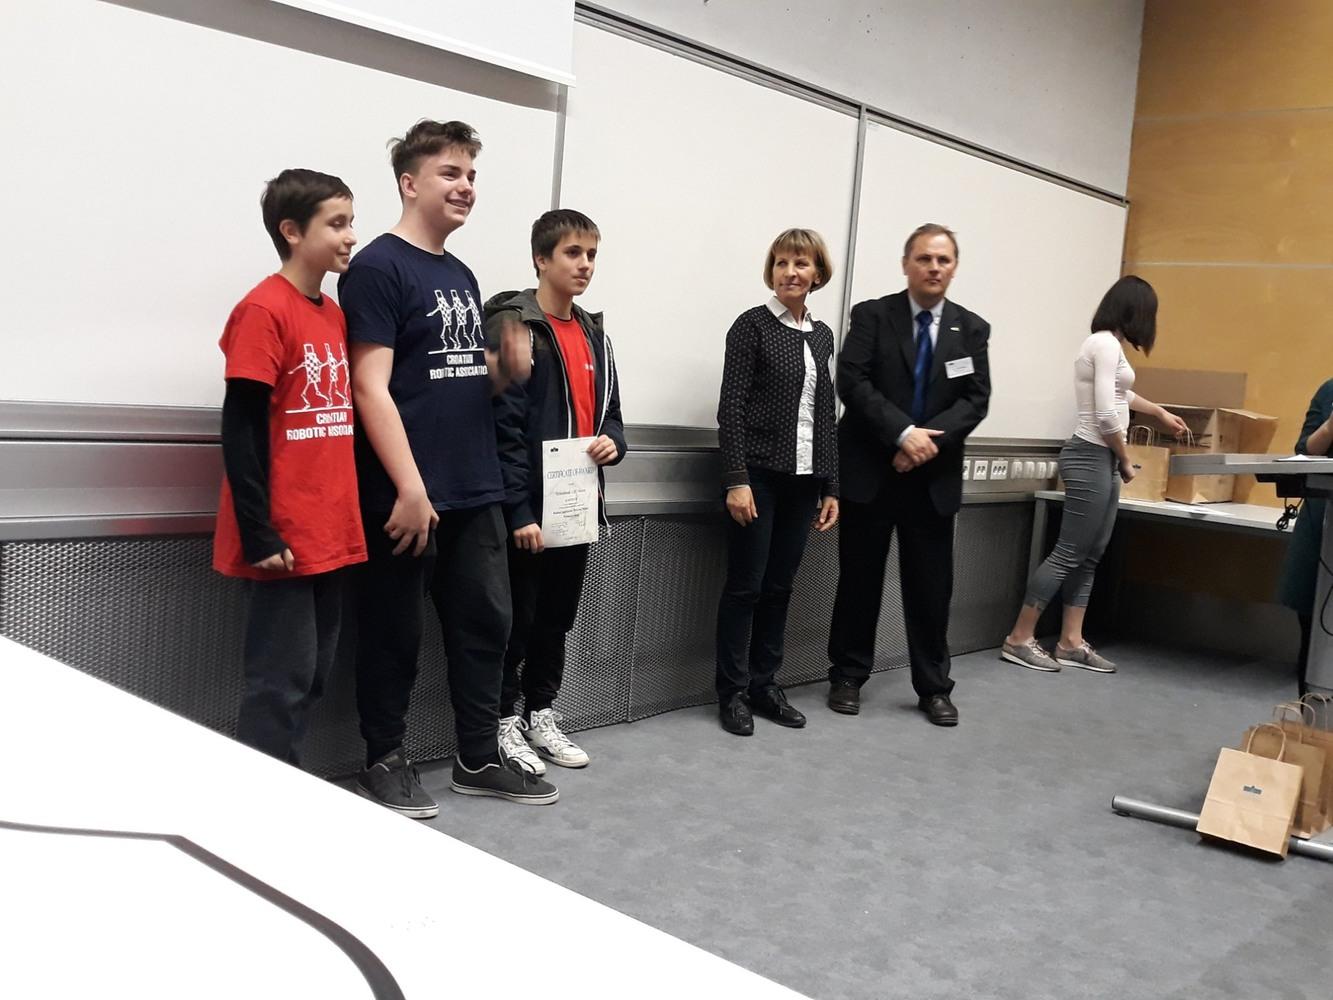 1. mjesto ekipa Robofreak u kategoriji Rešovanje Labirint za osnovne škole